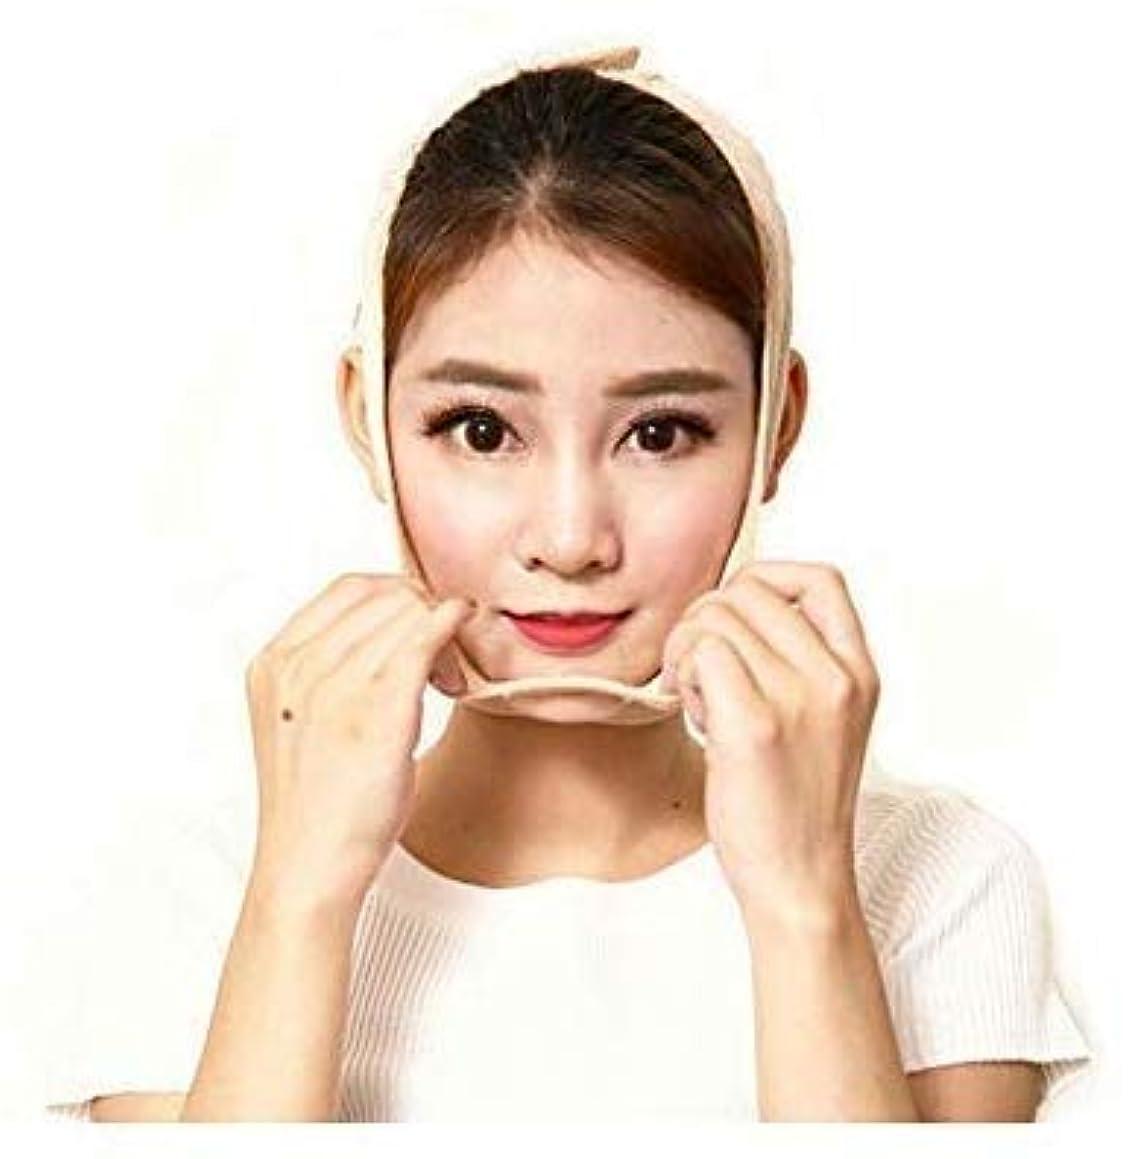 化学薬品氷雪美容と実用的な引き締めマスク薄い顔アーティファクト包帯美容フードリフト引き締めマスクをダブルチンL小Vフェイスマッサージフェイスリフトフェイシャル